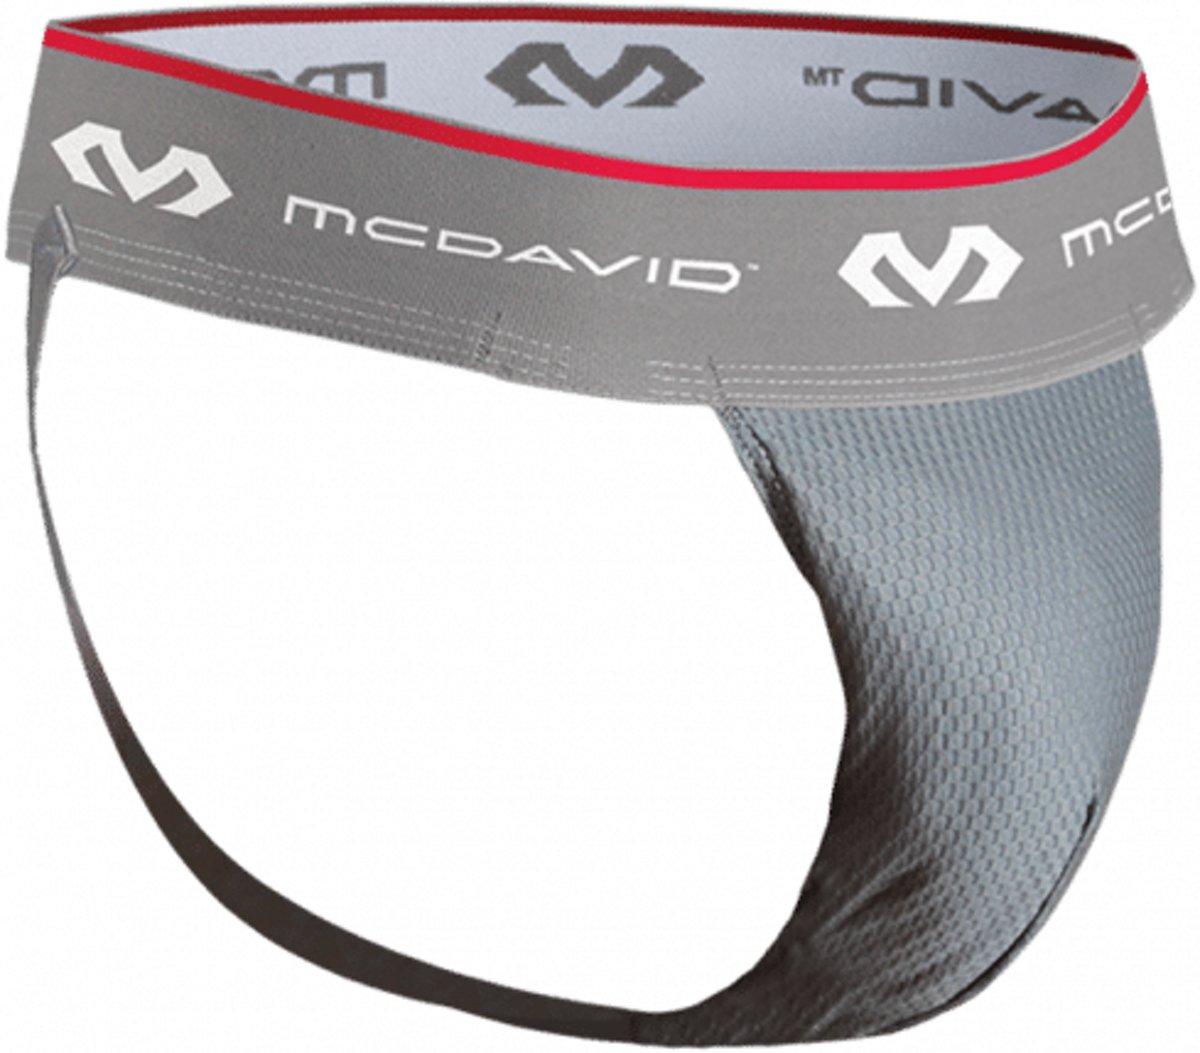 McDavid 3300 - Atletische Supporter - Grijs - Extra Large